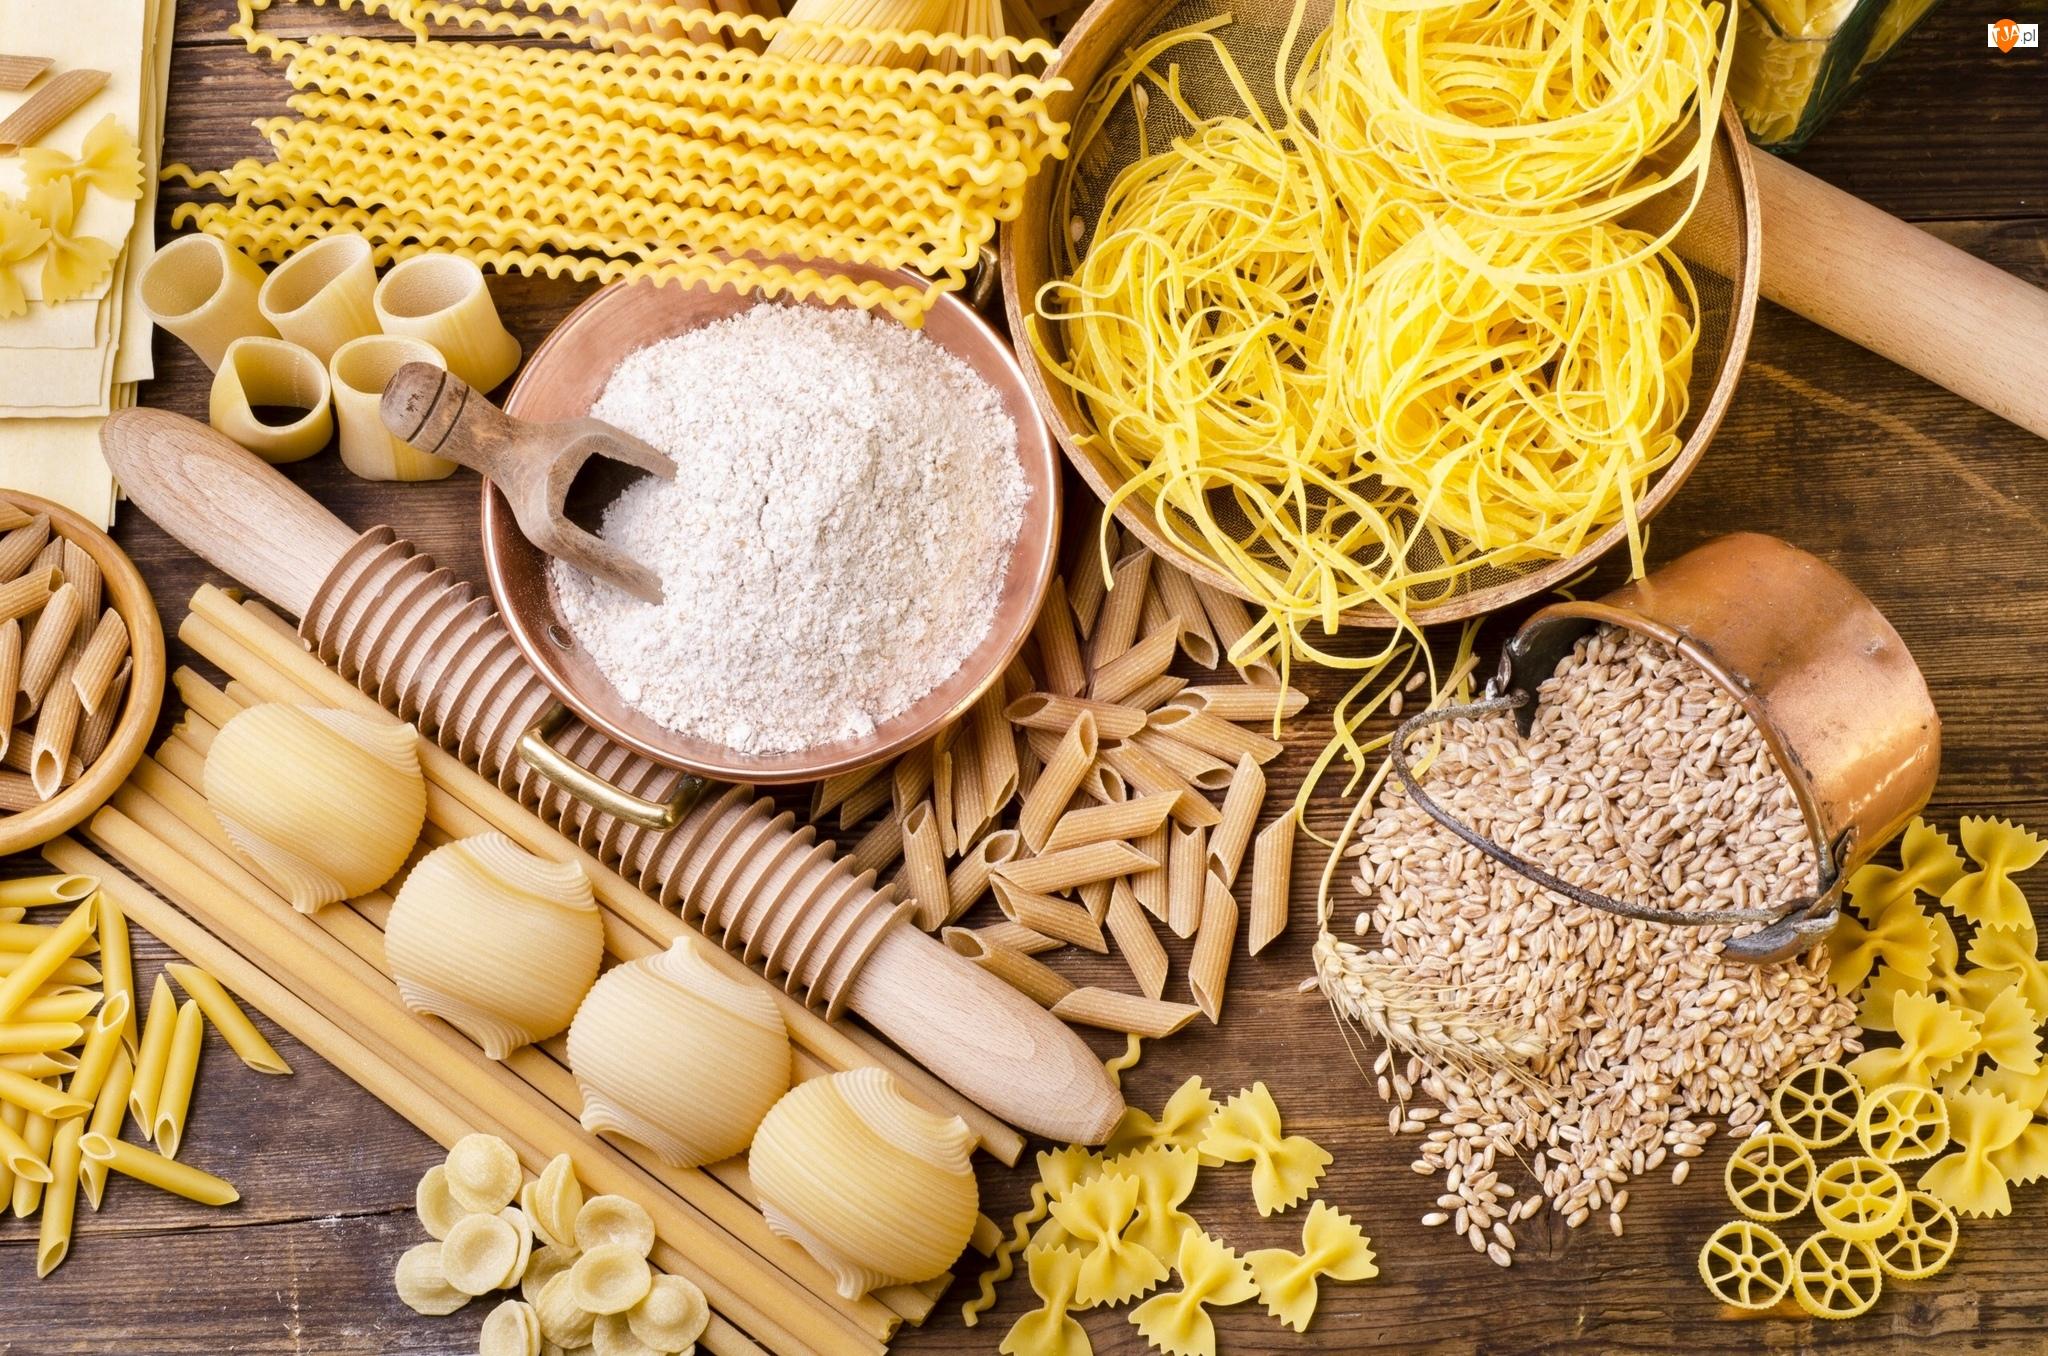 Mąka, Makarony, Ziarna, Zboże